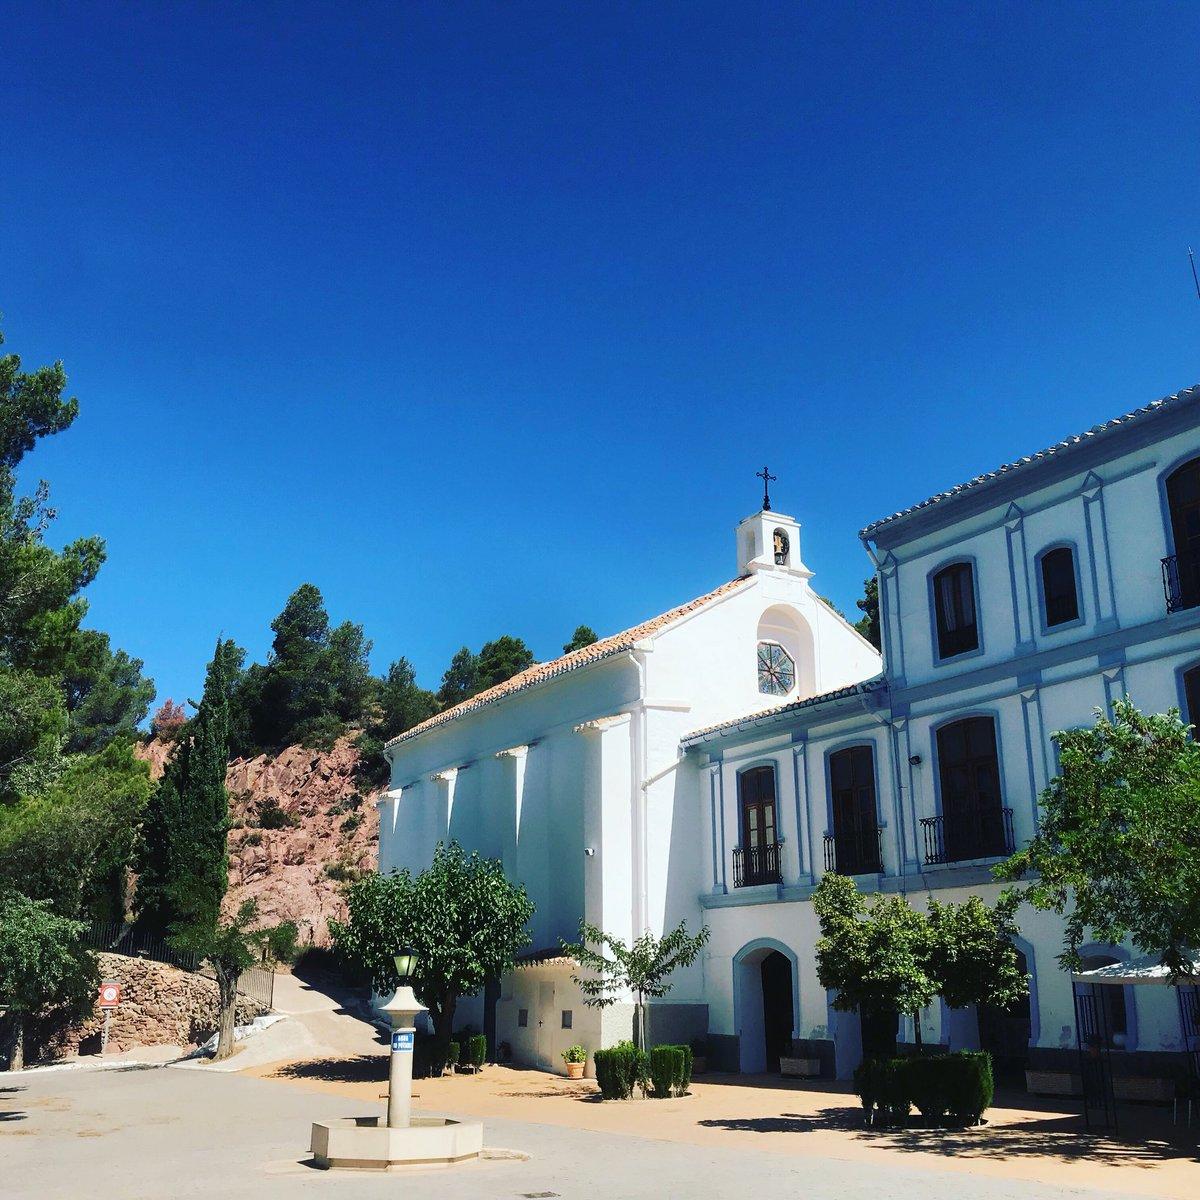 La #ermitadelremedio de #chelva en plena montaña y con vistas a todo el municipio. Un espectáculo visual!!! 🌳⛪️⛰ @valenciaturisme @c_valenciana @valenciabonita_ @VISITaltoturia @Turismoytiempo